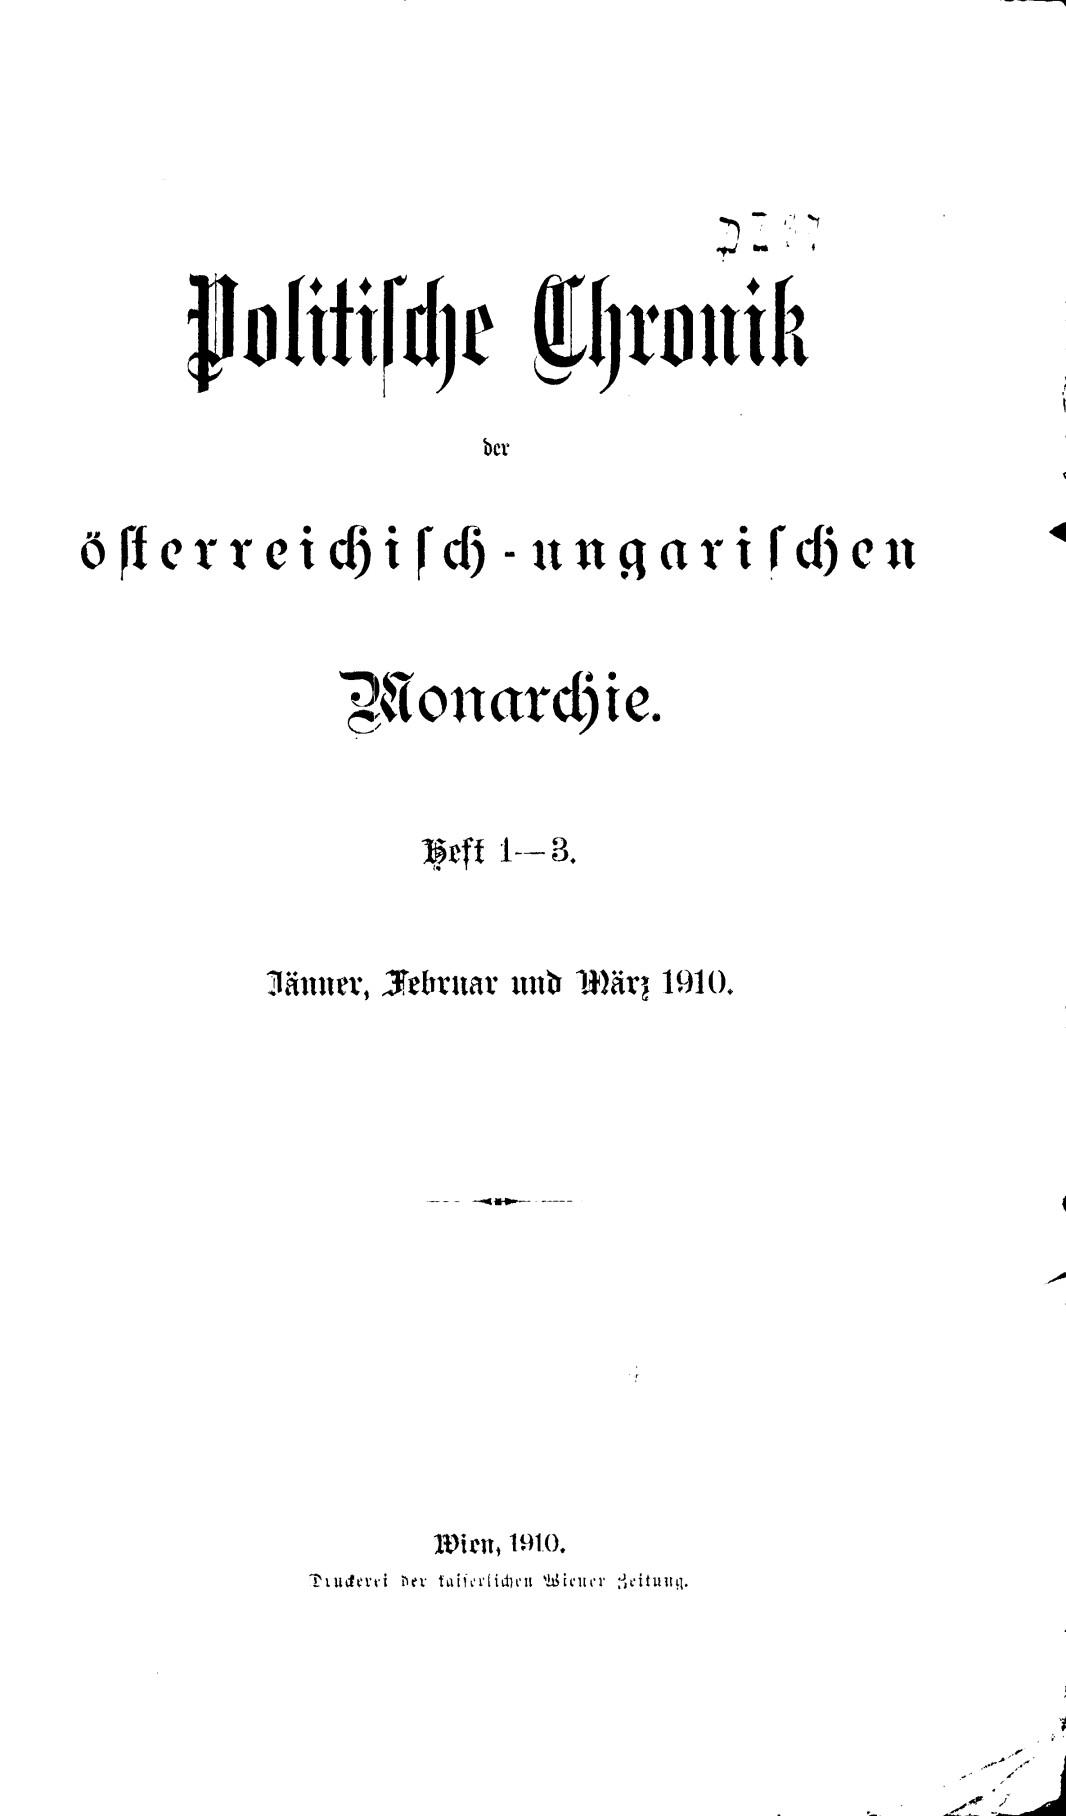 Politische Chronik Der österreichisch Ungarischen Monarchie Wikipedia